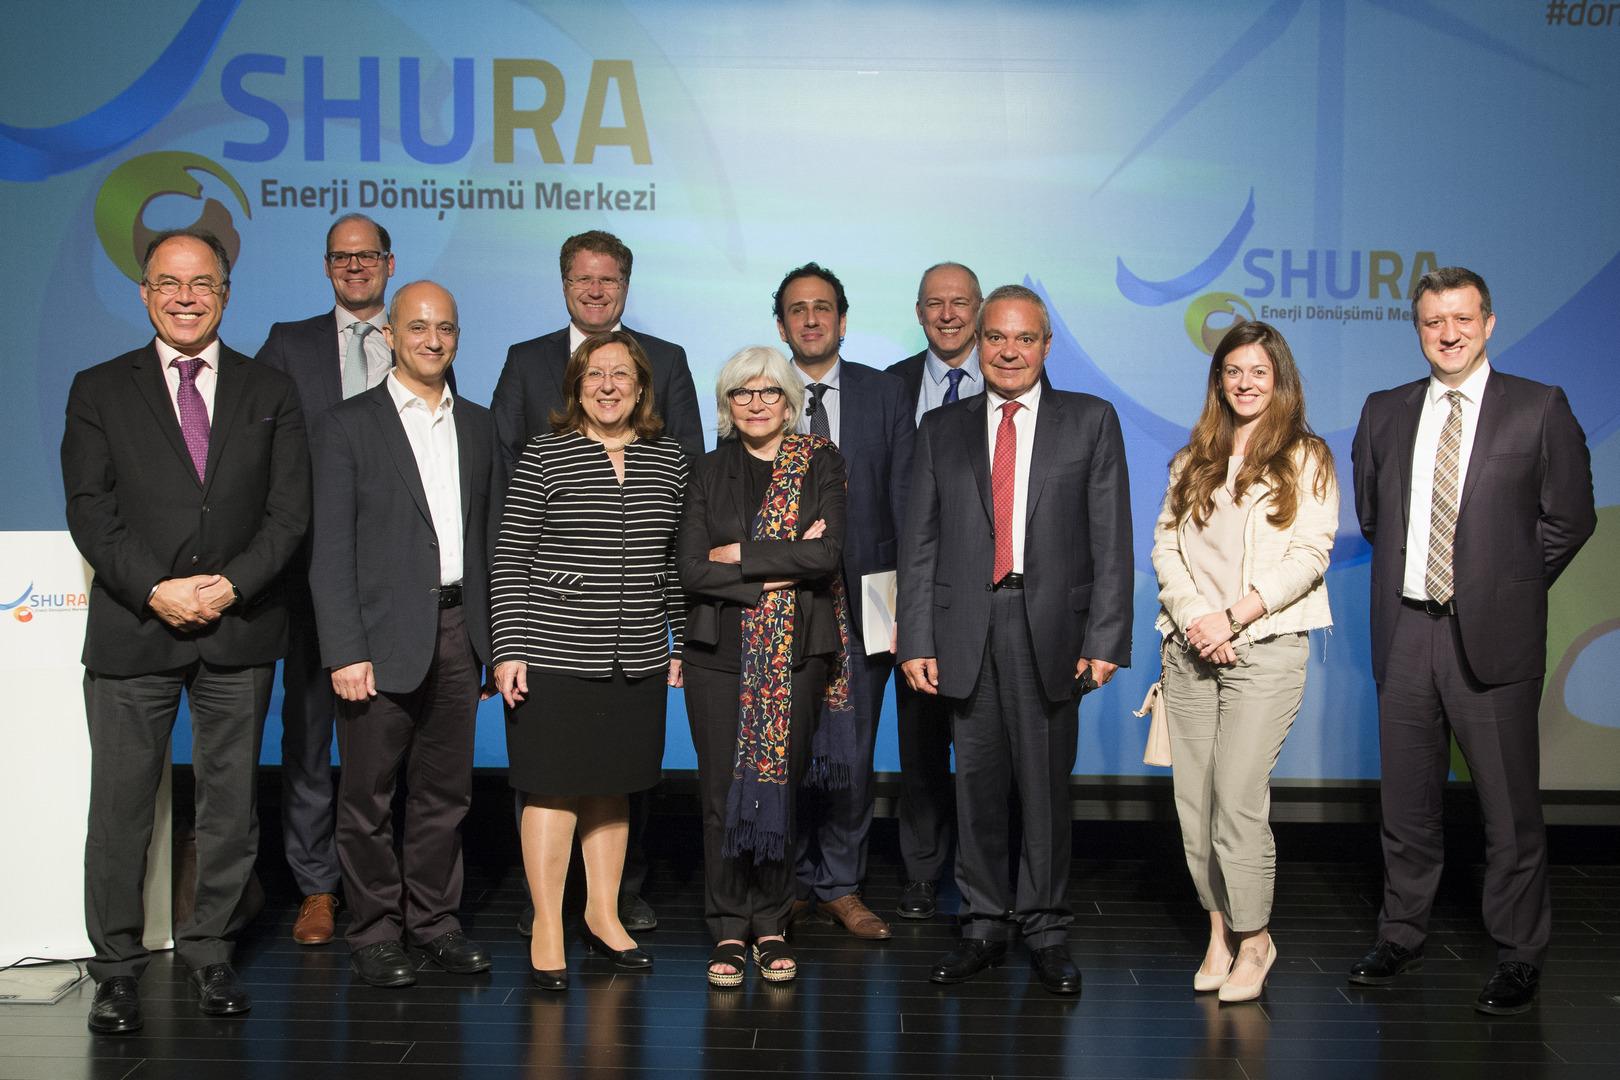 SHURA Türkiye'nin Enerji Dönüşümü için Yola Çıktı!